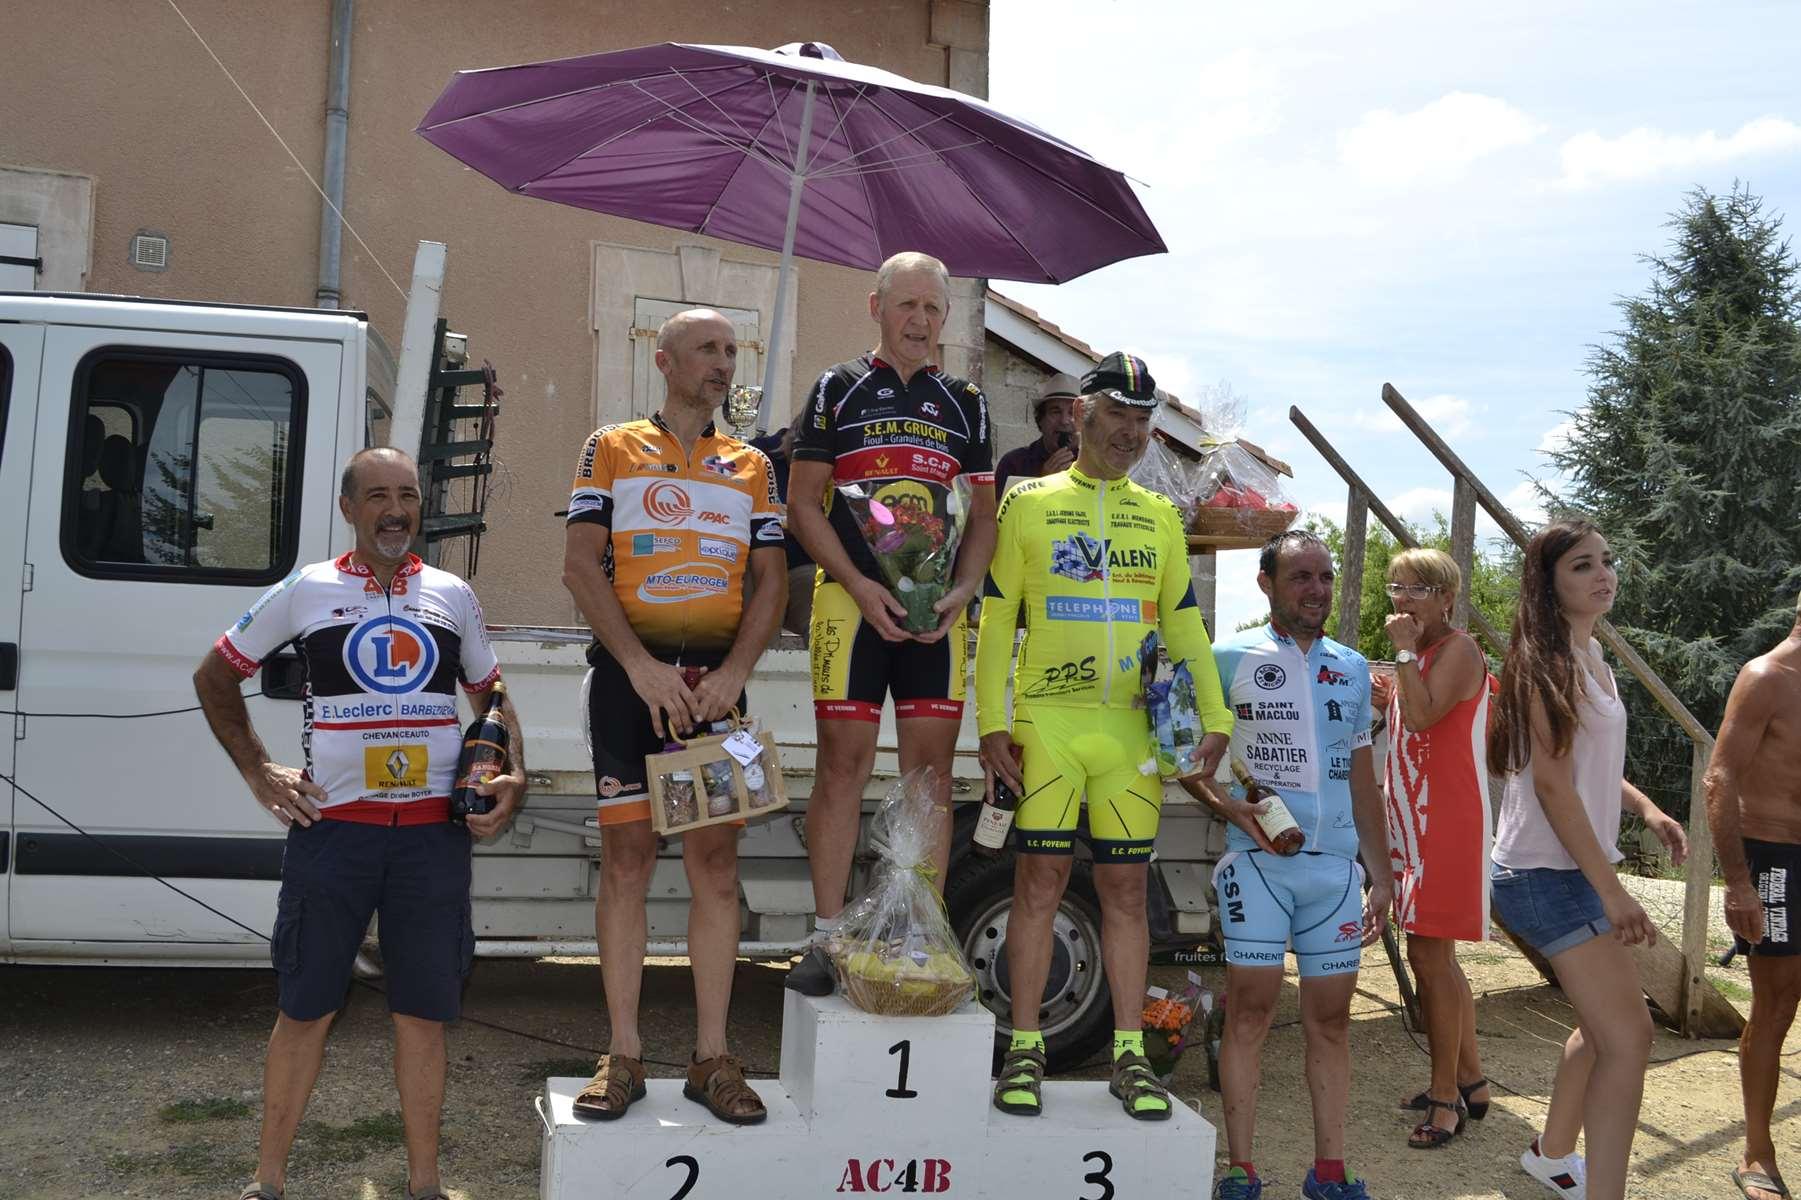 Le 30/07/2018   BAIGNES (16) PC OPEN-PC  20 ème Jean-Christophe Nadon(AC4B) en D1/D2  ,  25 ème Cédric Rateau (AC4B) en D1/D2  ,  7 ème Jean-Paul Giraud(AC4B) en D3/D4 et 5 ème en D3  ,  15 ème Adrien Berthomme(AC4B) en D3/D4  ,  30 ème David Marcadier(AC4B) en D3/D4.